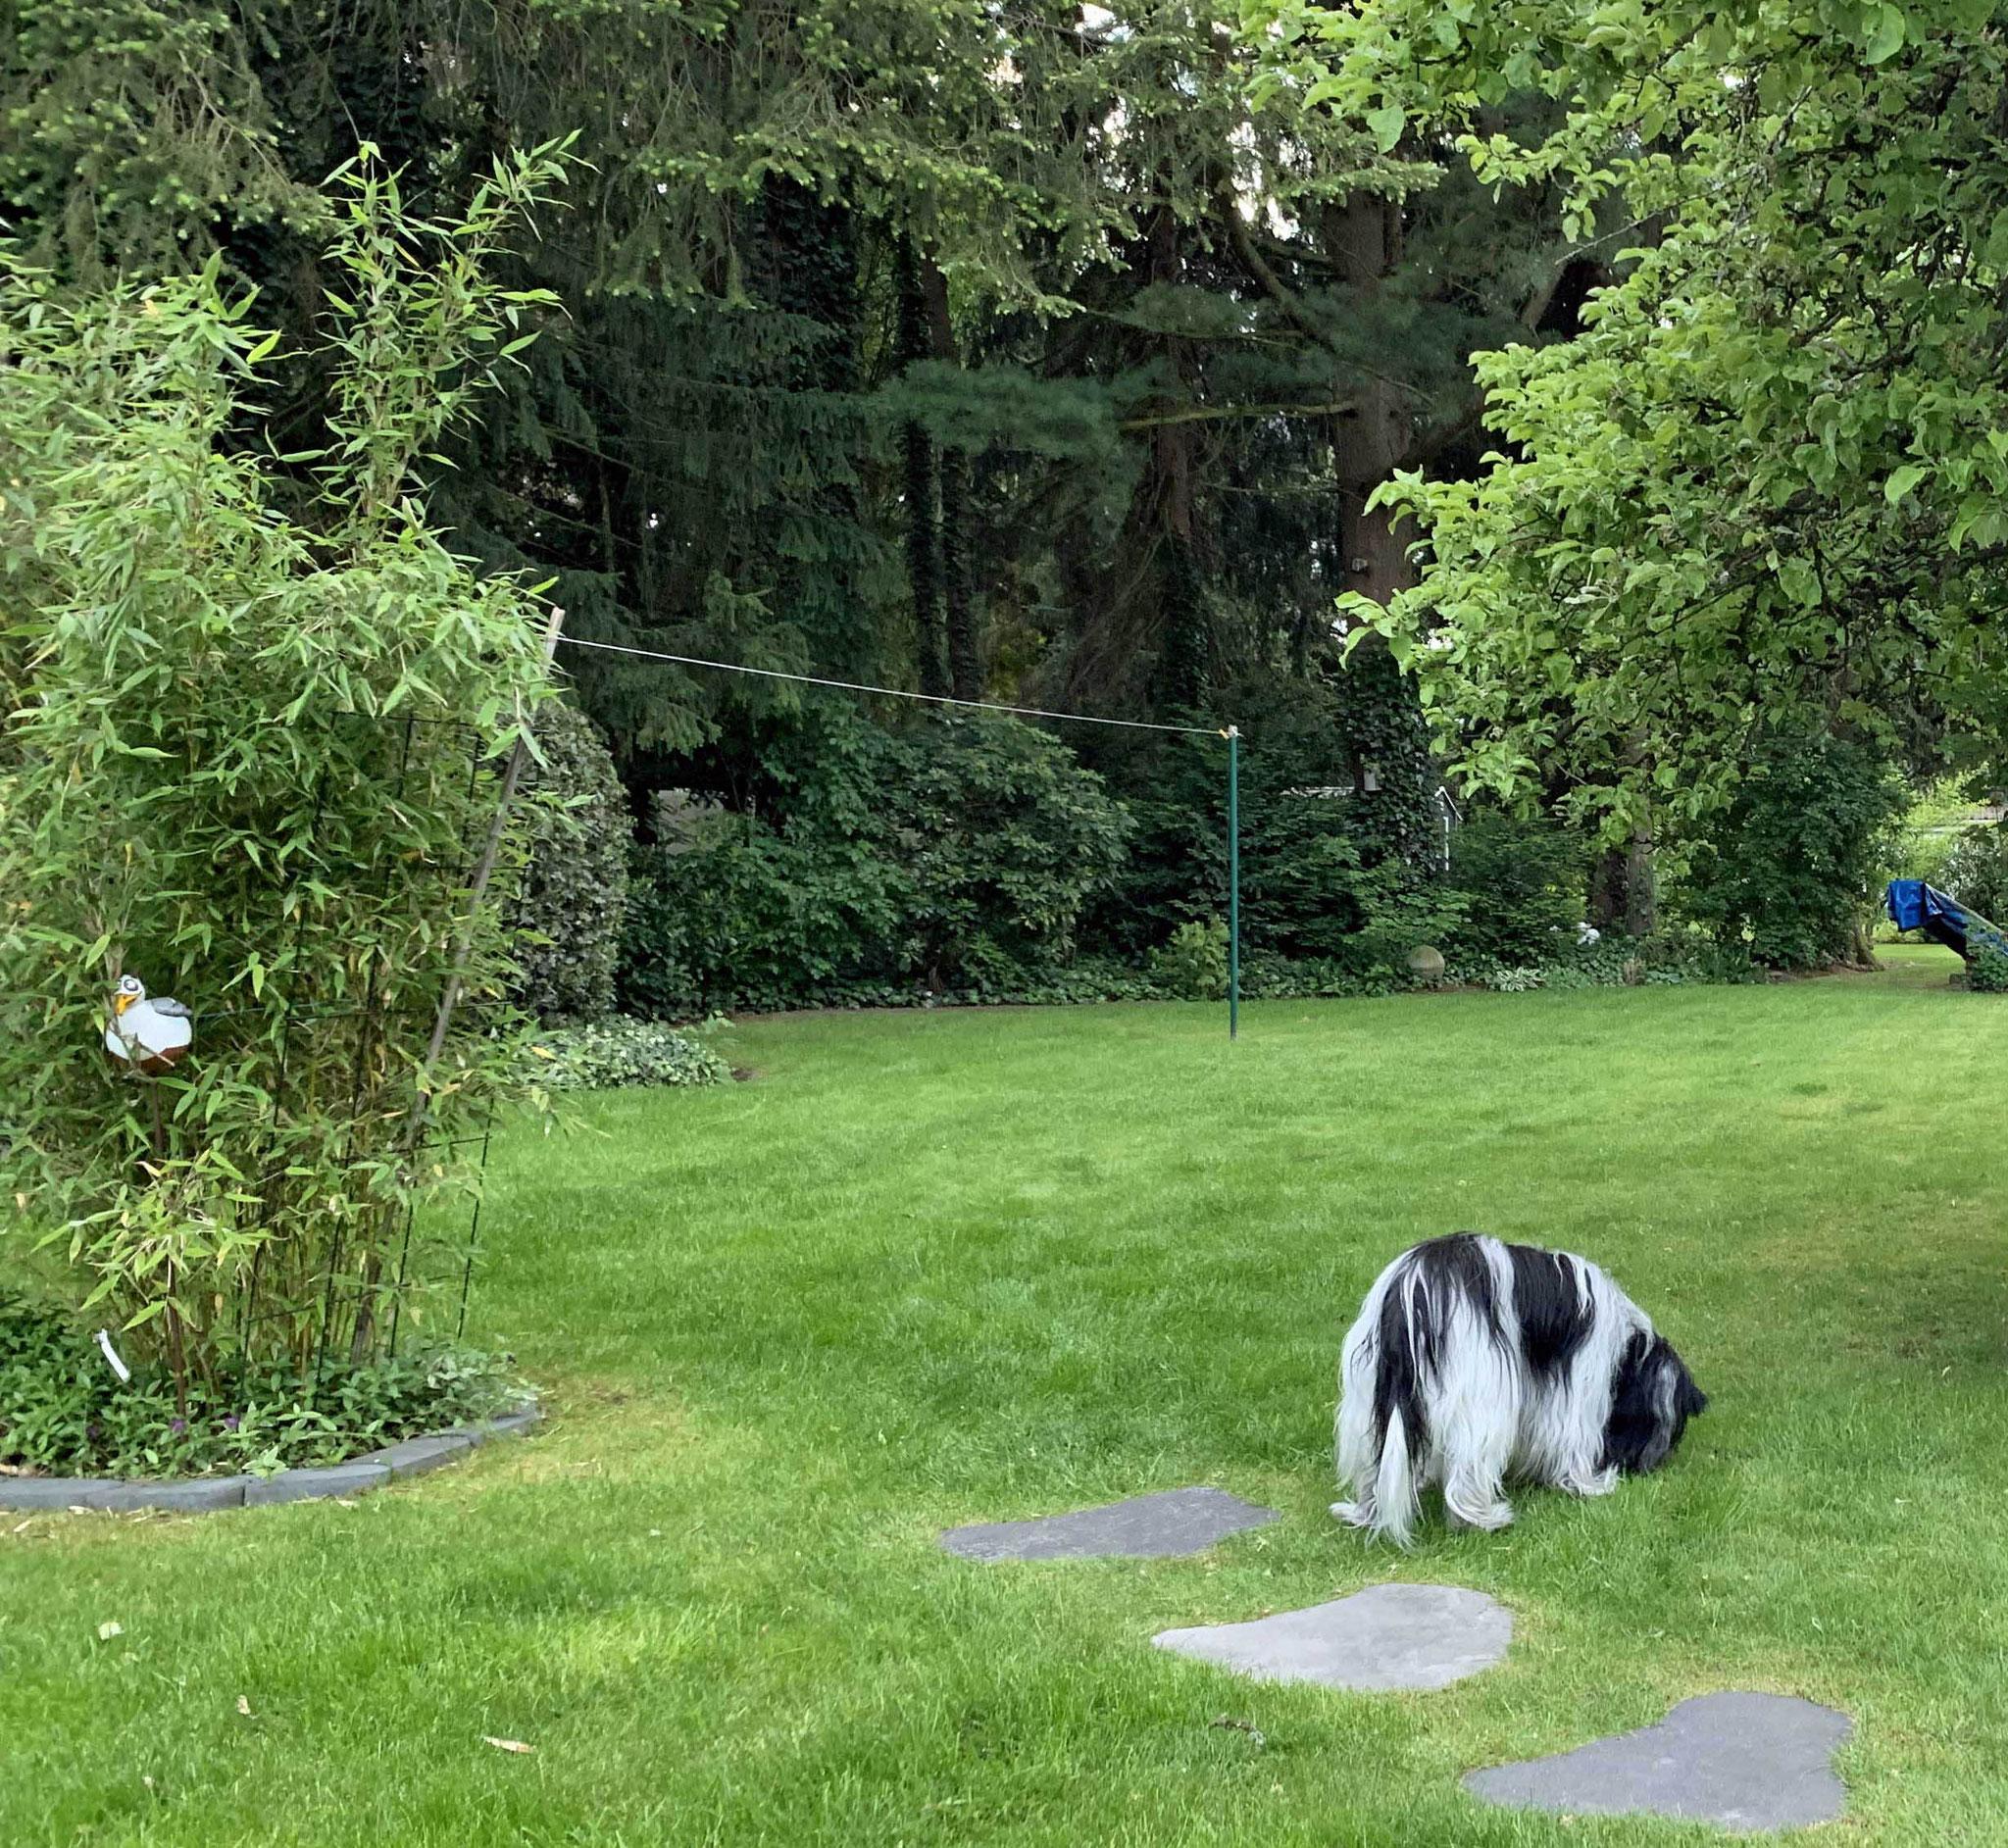 Erstmal schnüffeln, wer alles so im Garten unterwegs war, ...